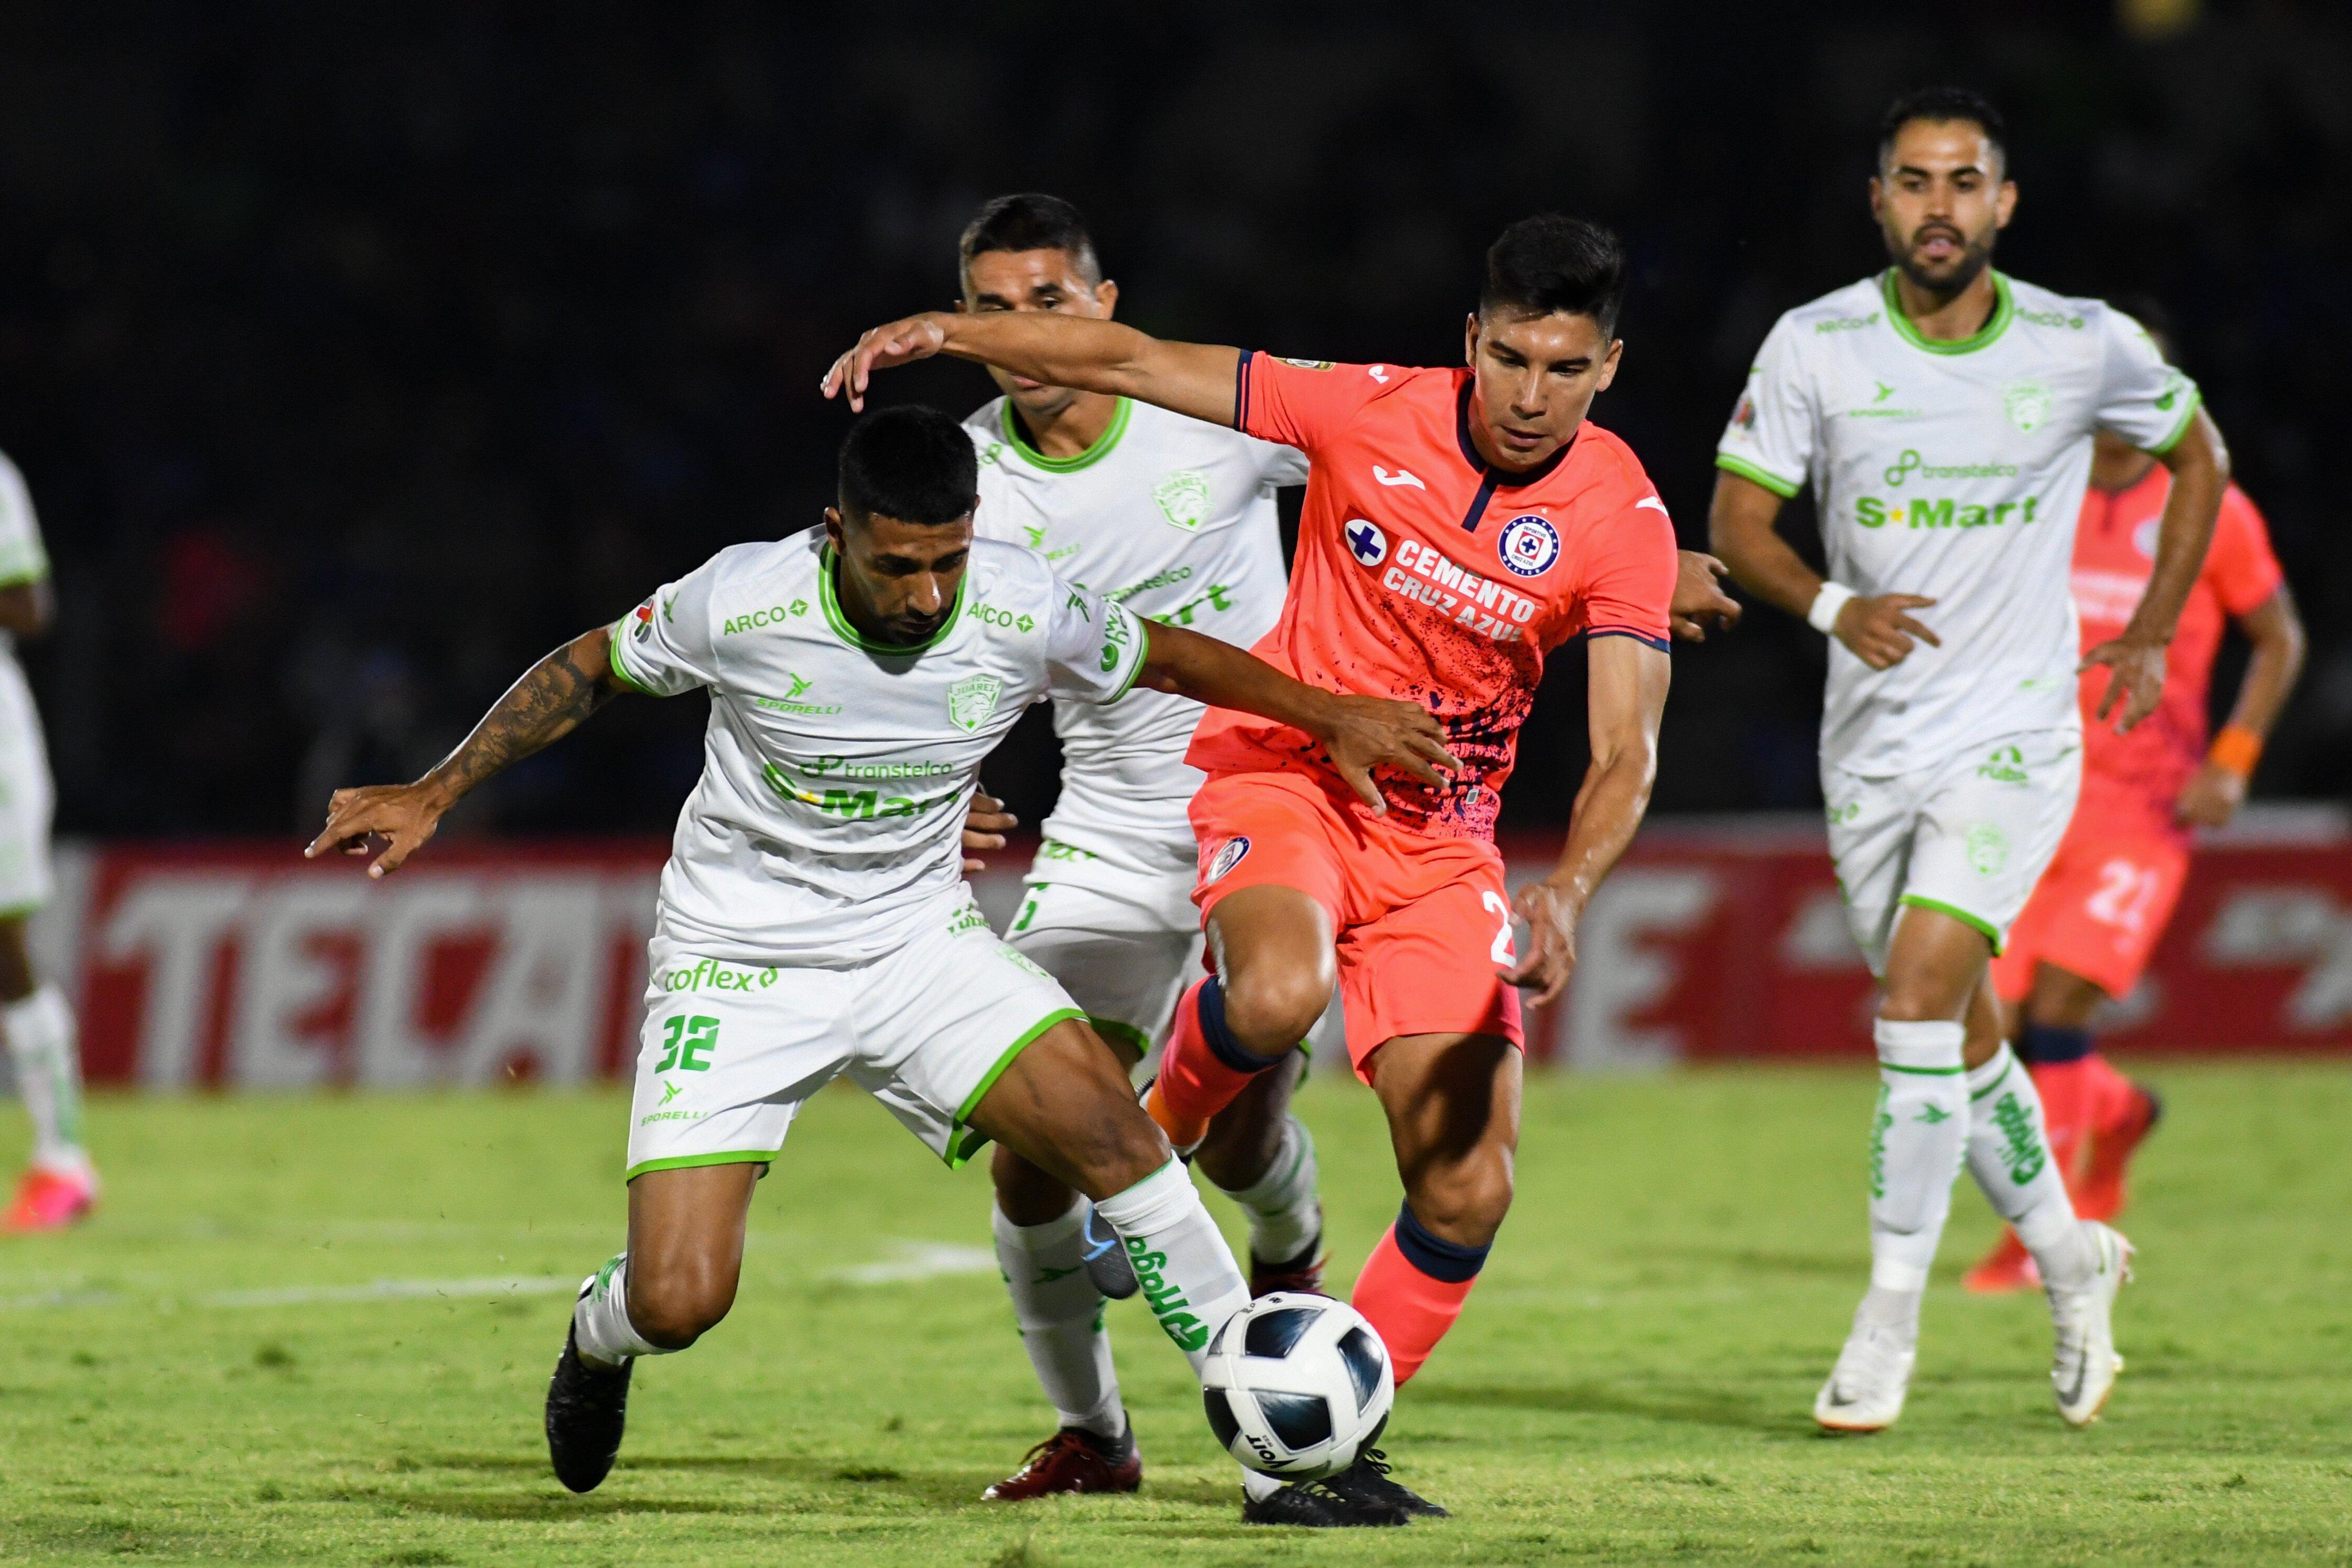 Juárez vs Cruz Azul 2-1 Torneo Apertura 2021